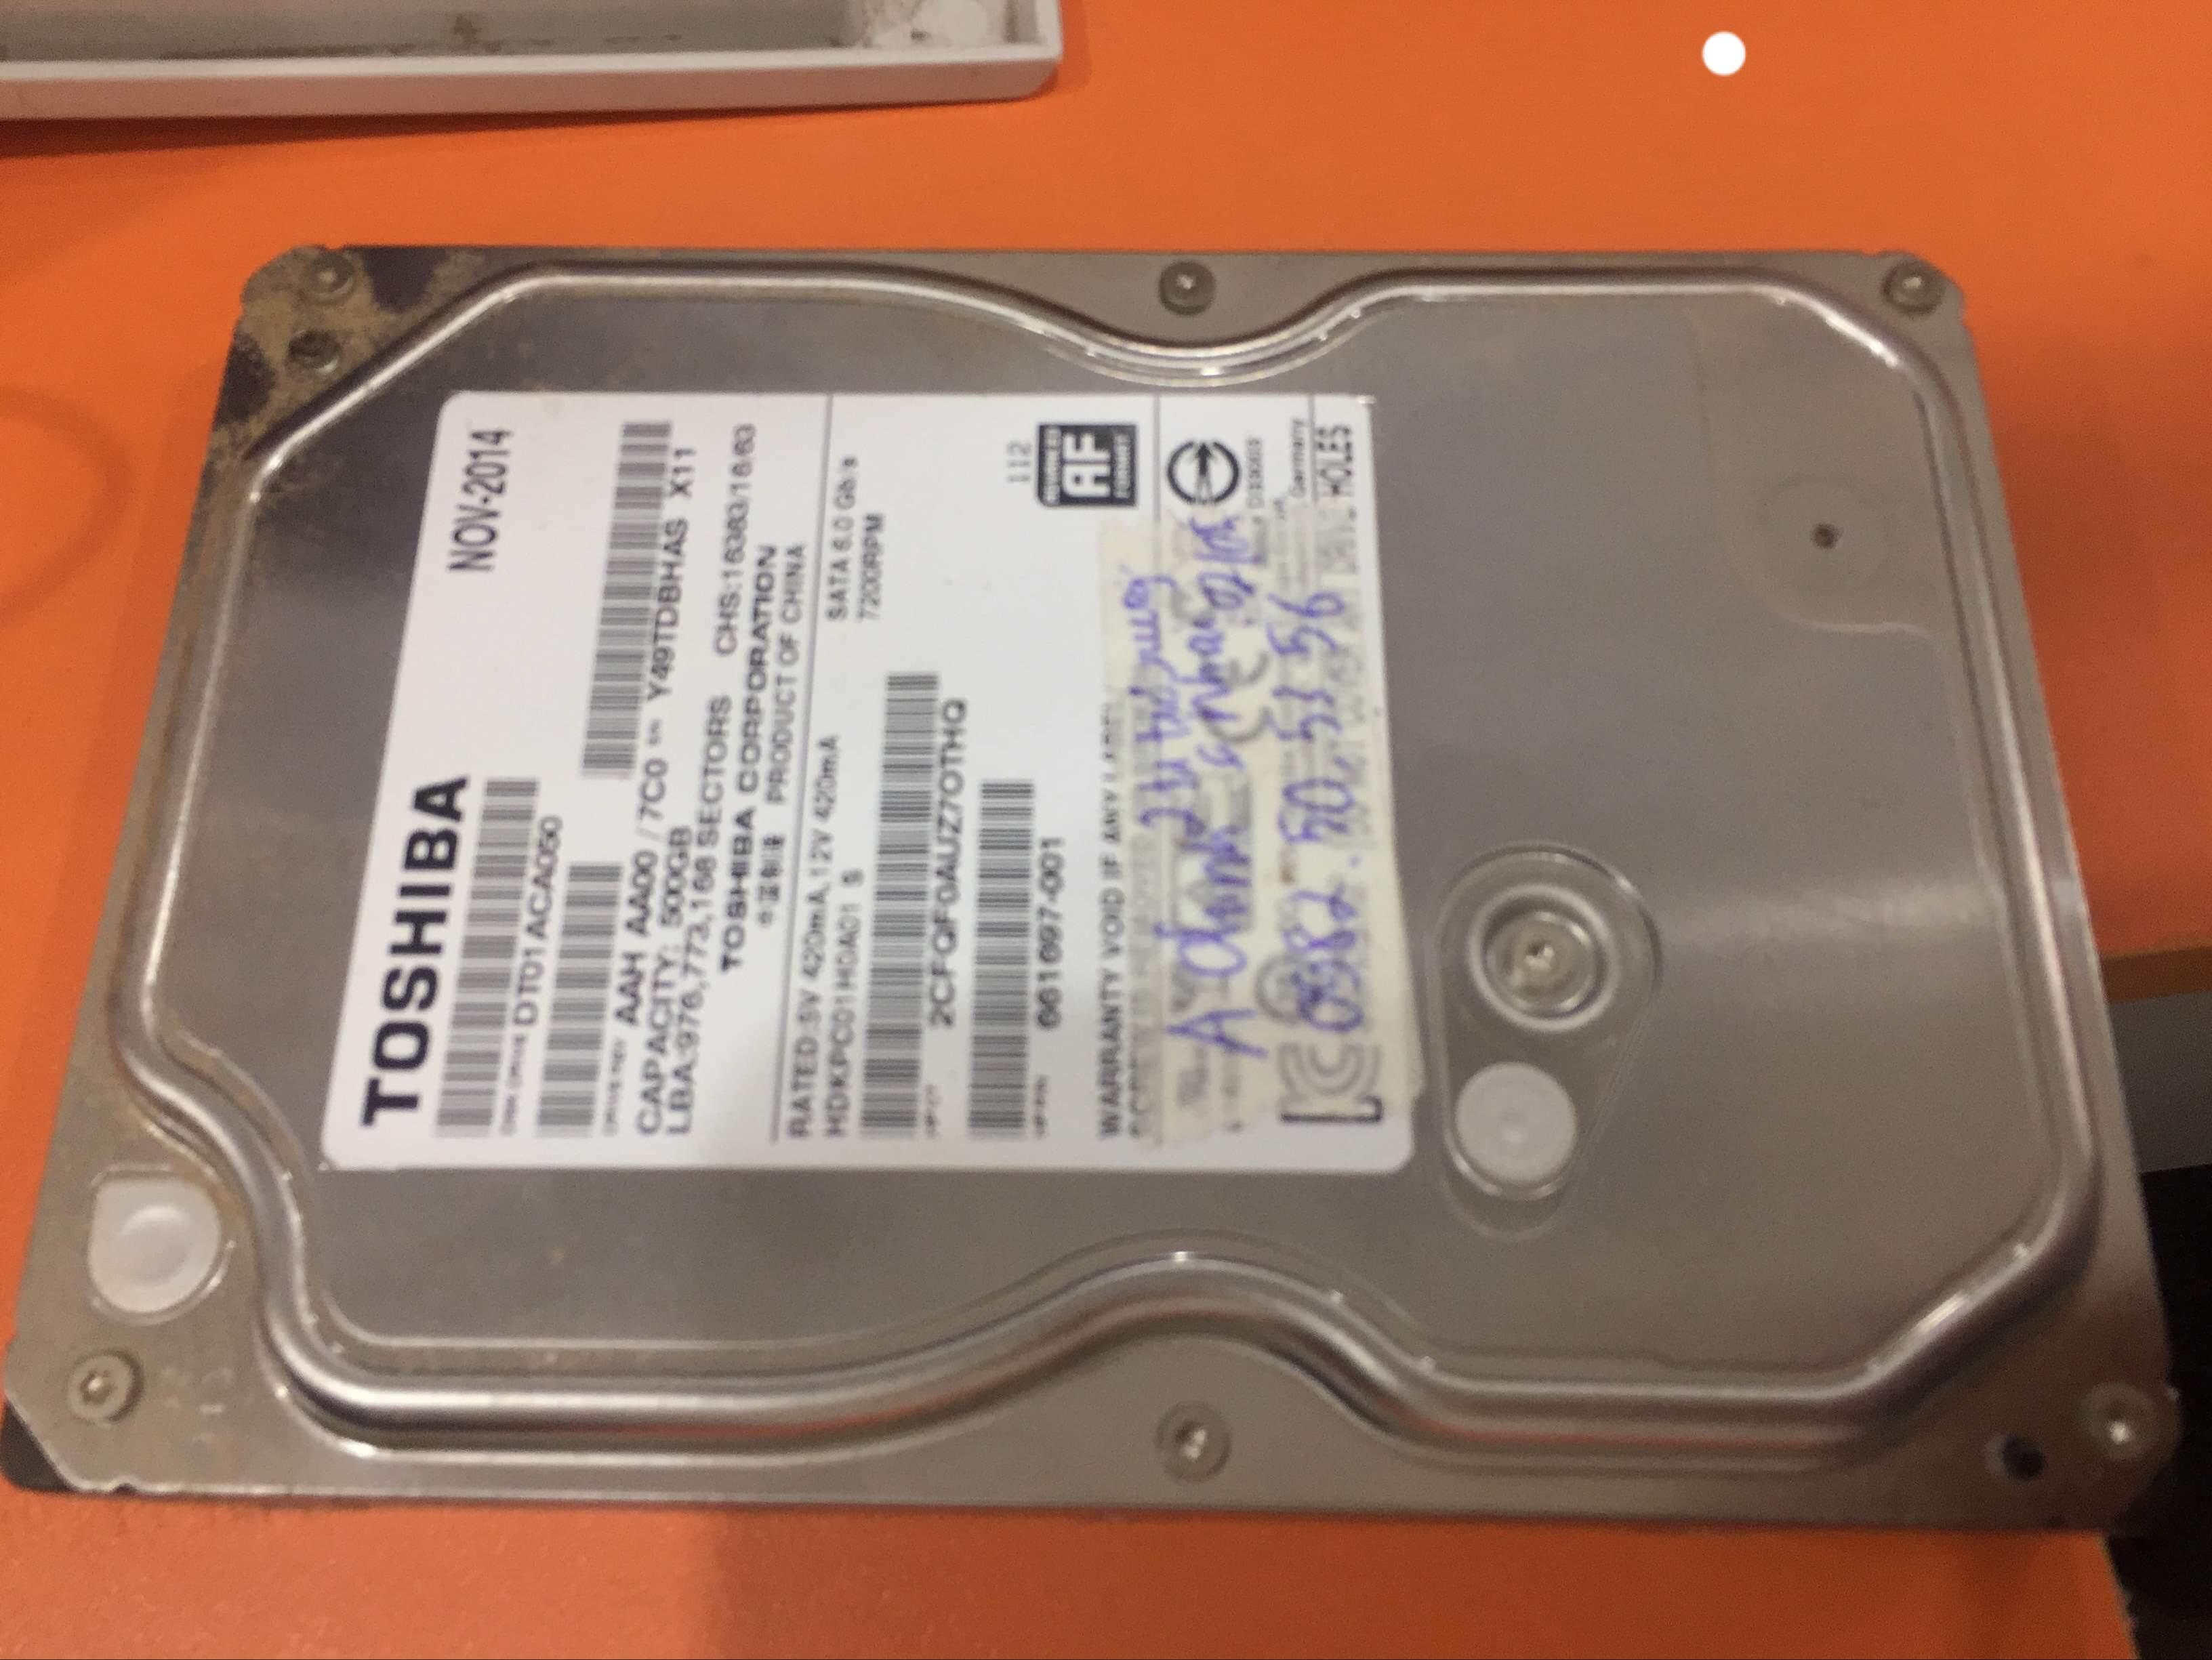 Phục hồi dữ liệu ổ cứng Toshiba 500GB không nhận 07/05/2019 - cuumaytinh